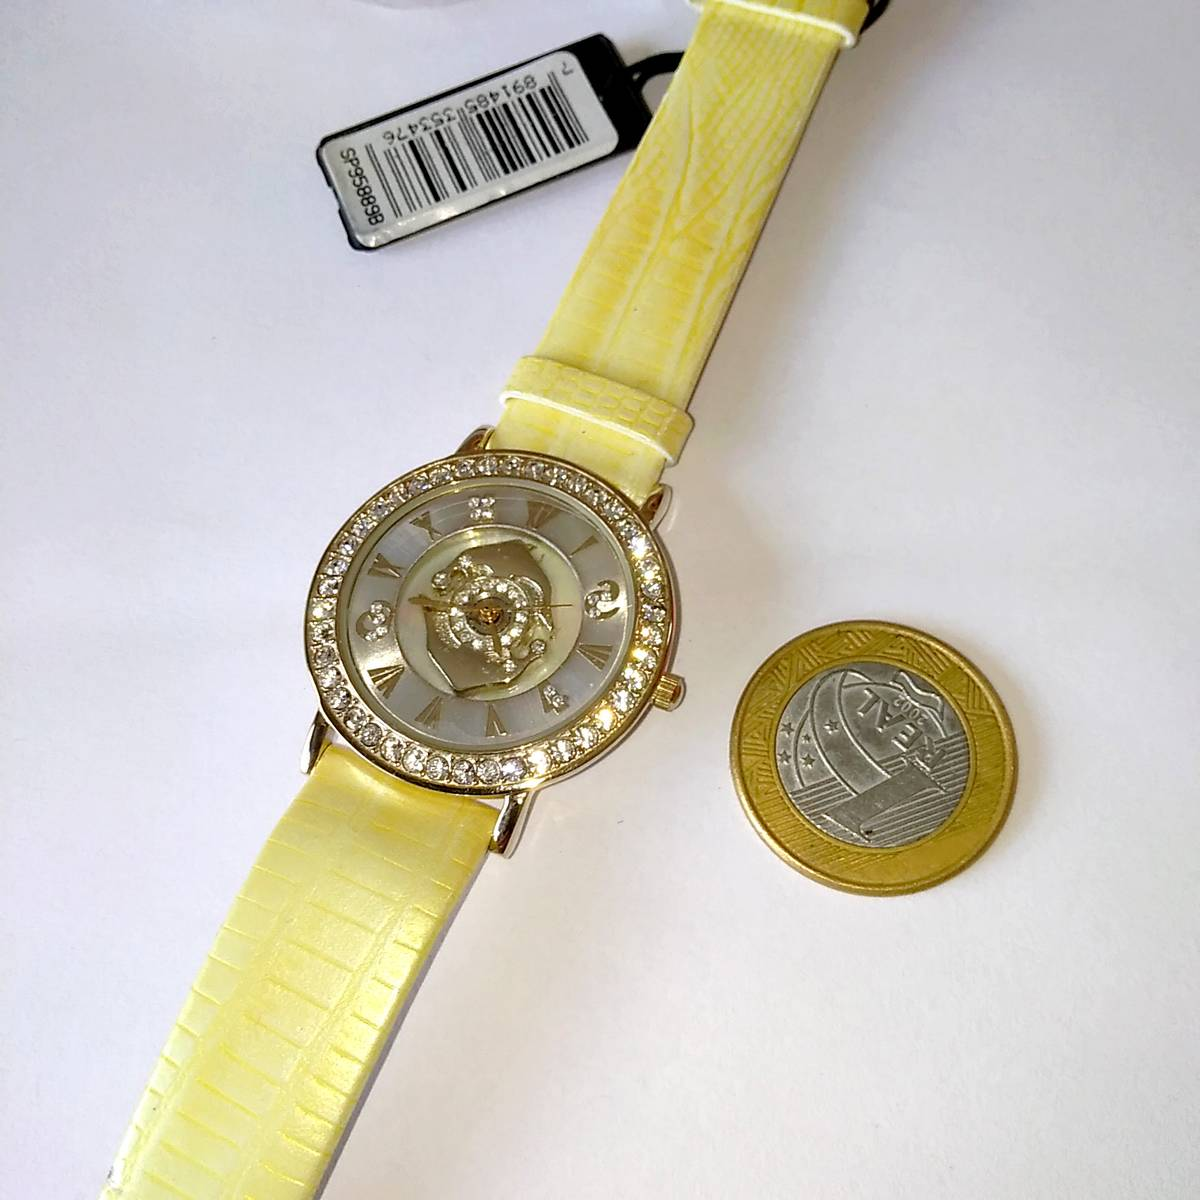 SP95889B Relógio Dumont Golfinhos Strass Pulseira Couro  - E-Presentes